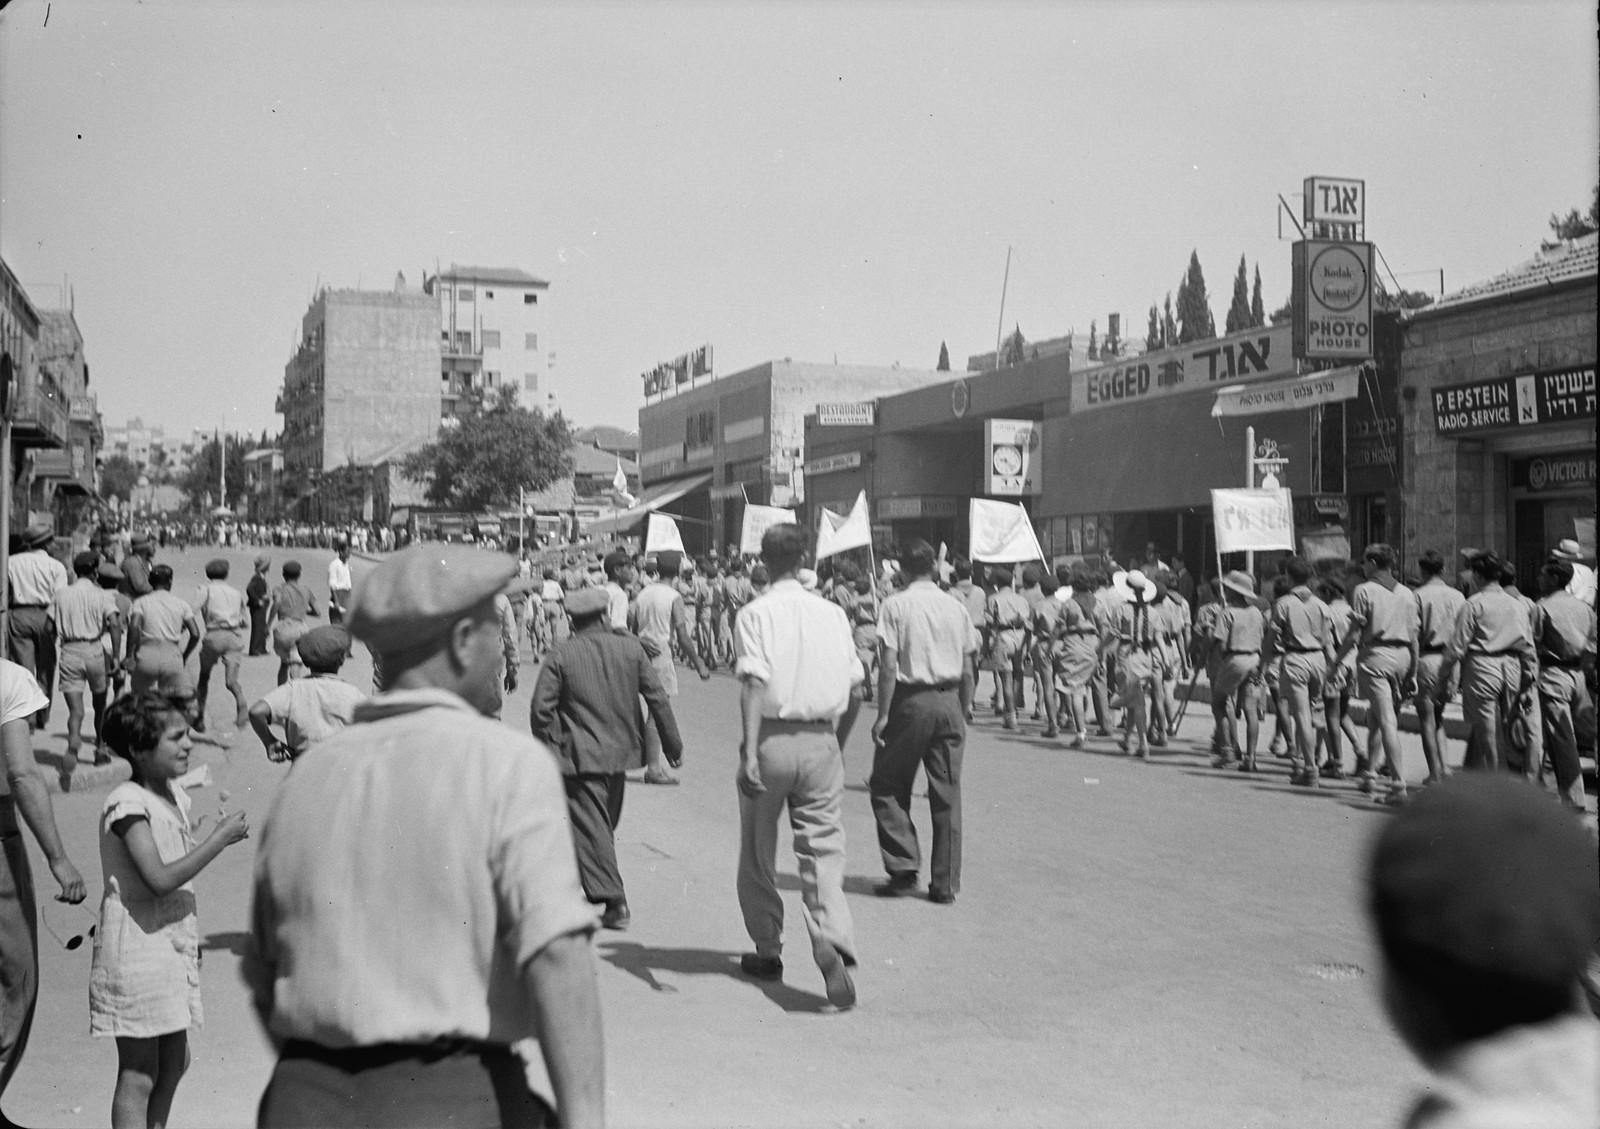 06. Юноши и девушки во время демонстрации на улице Кинг Джордж